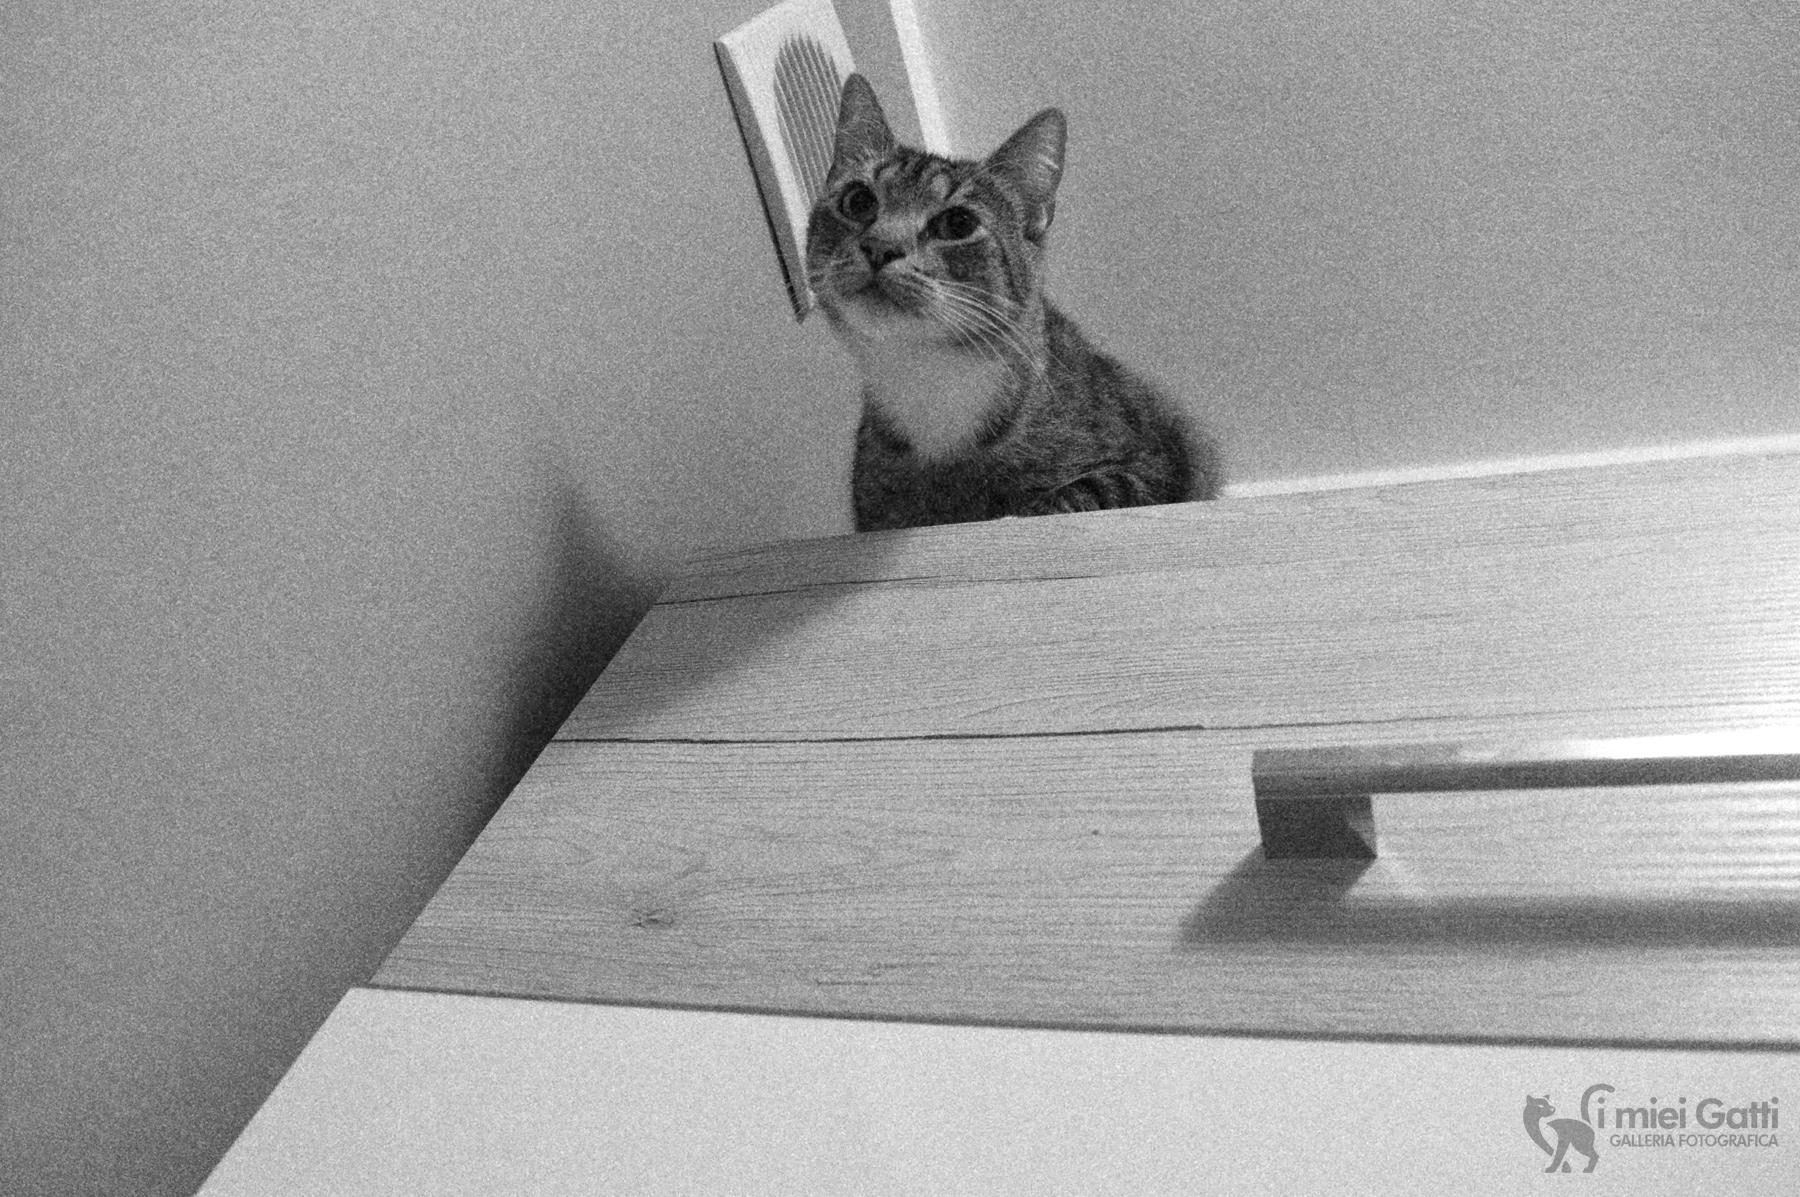 gatto prima di saltare